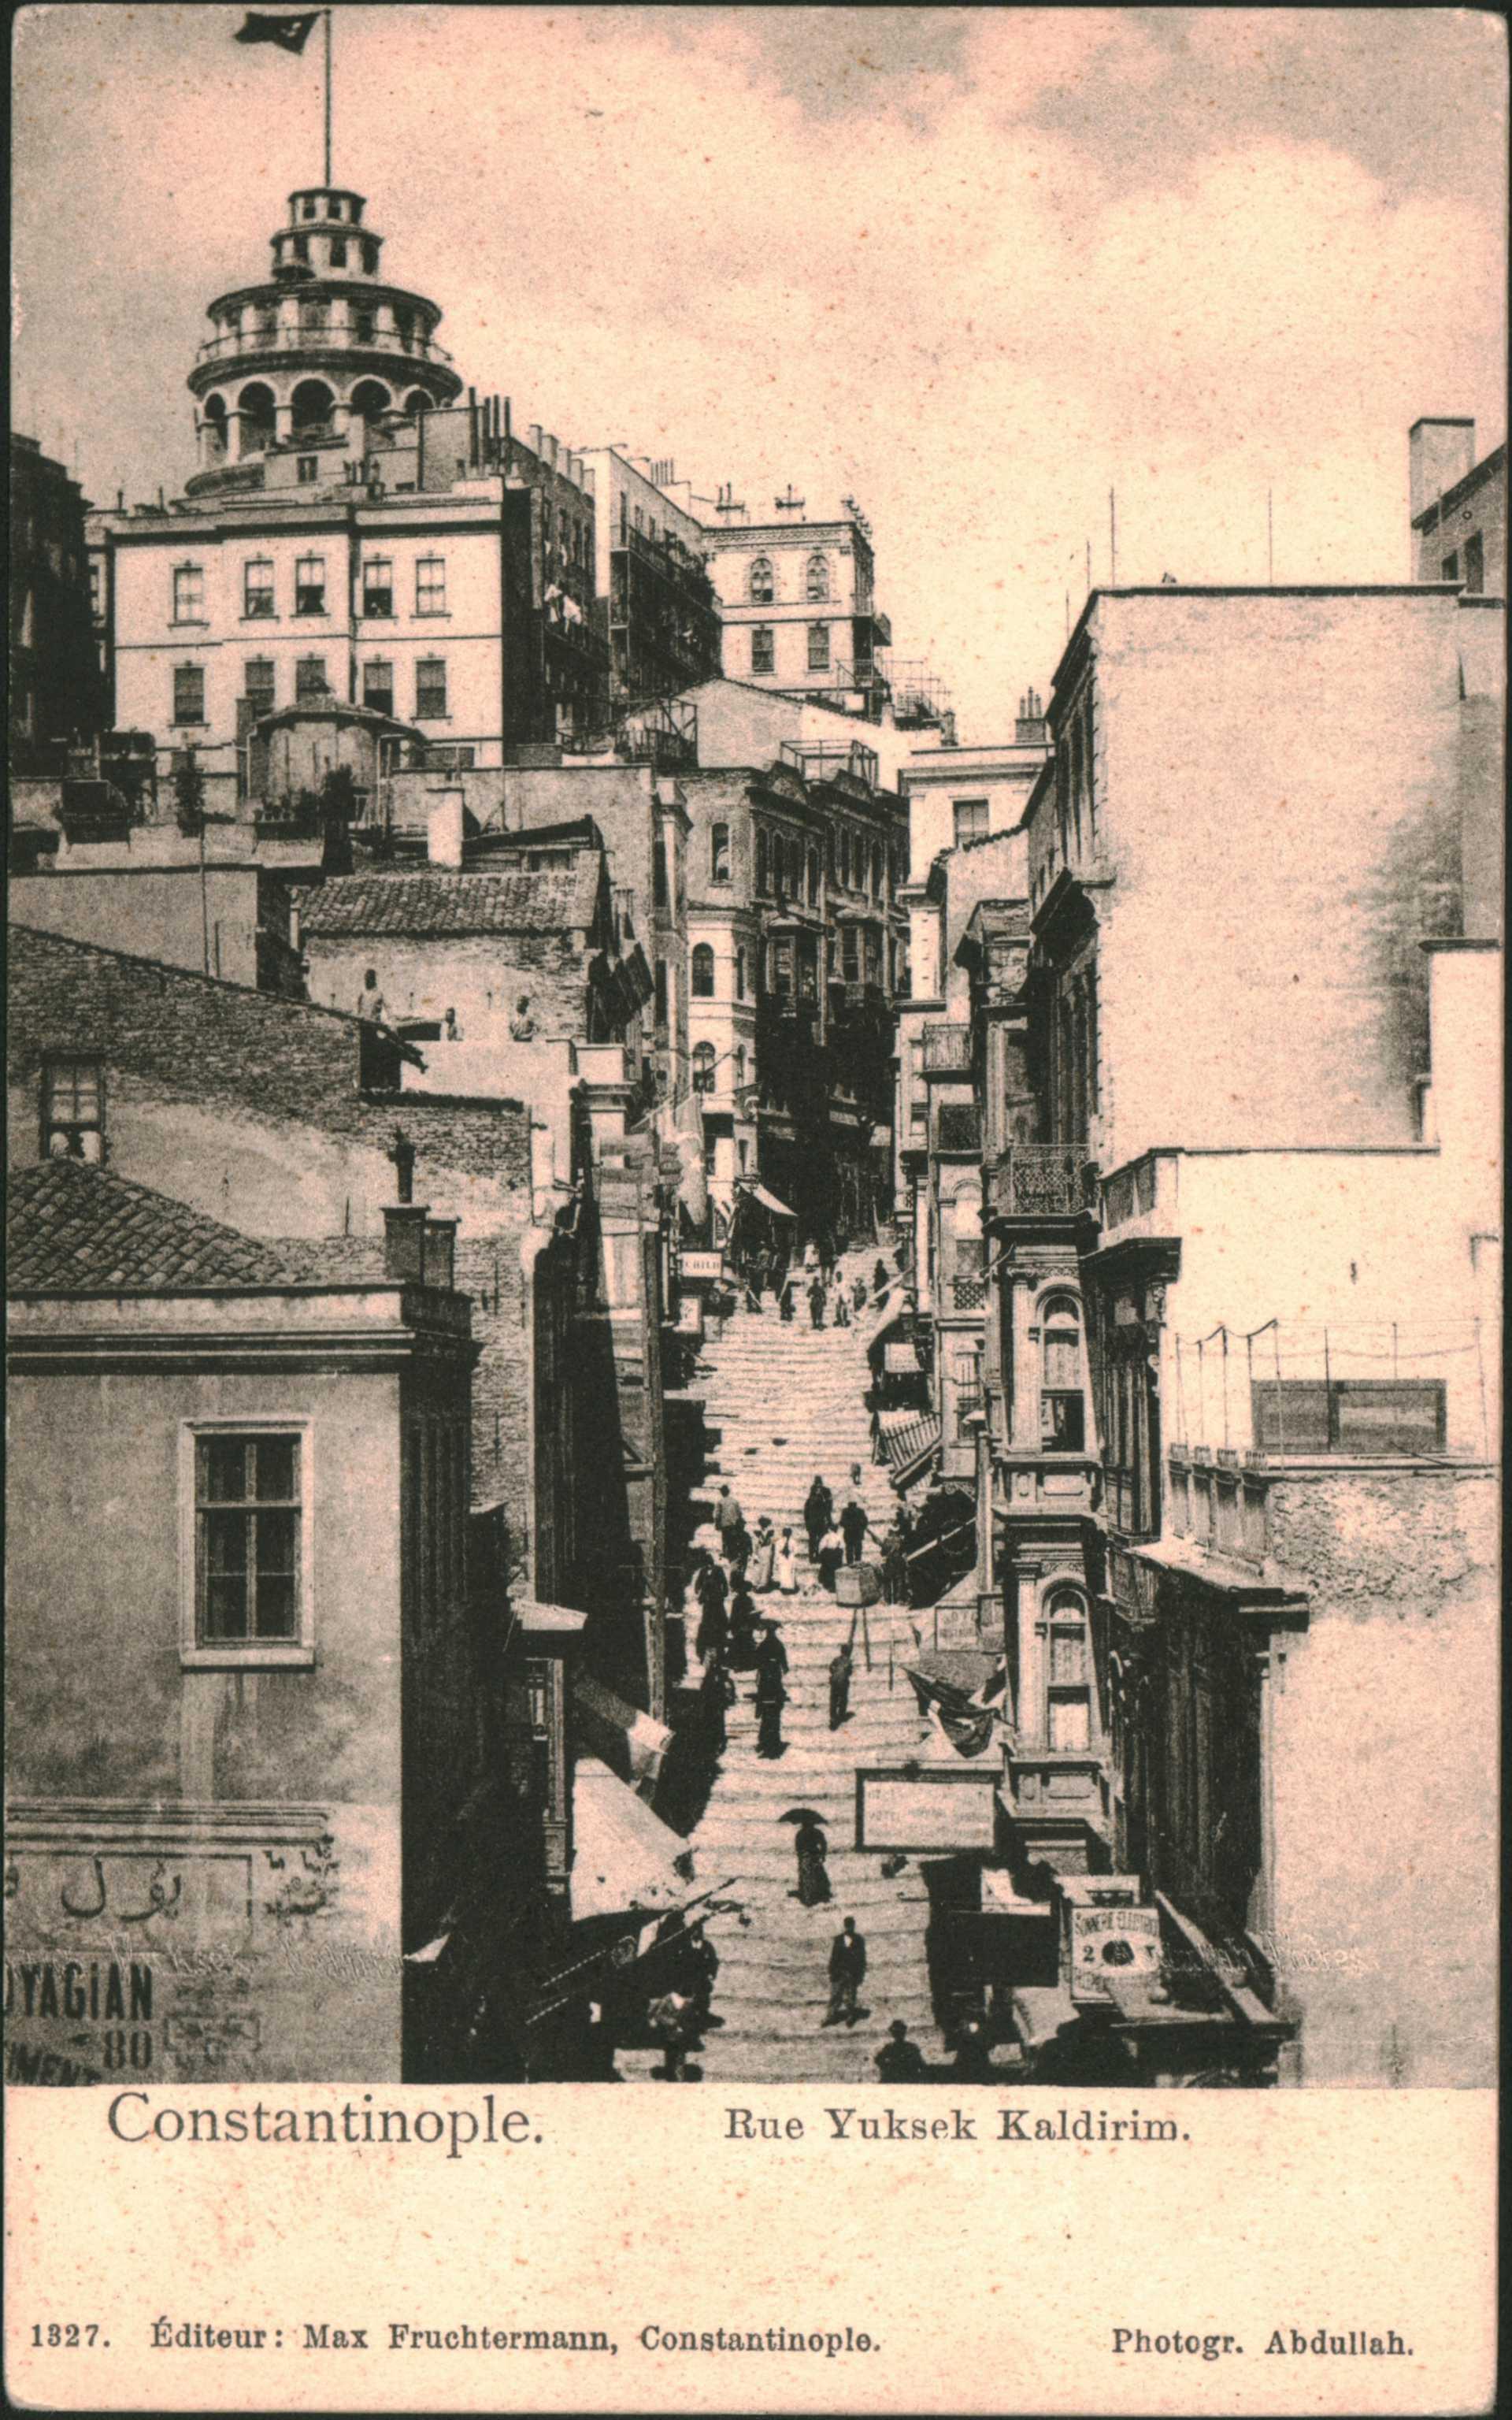 Constantinople – Rue Yuksek Kaldirim